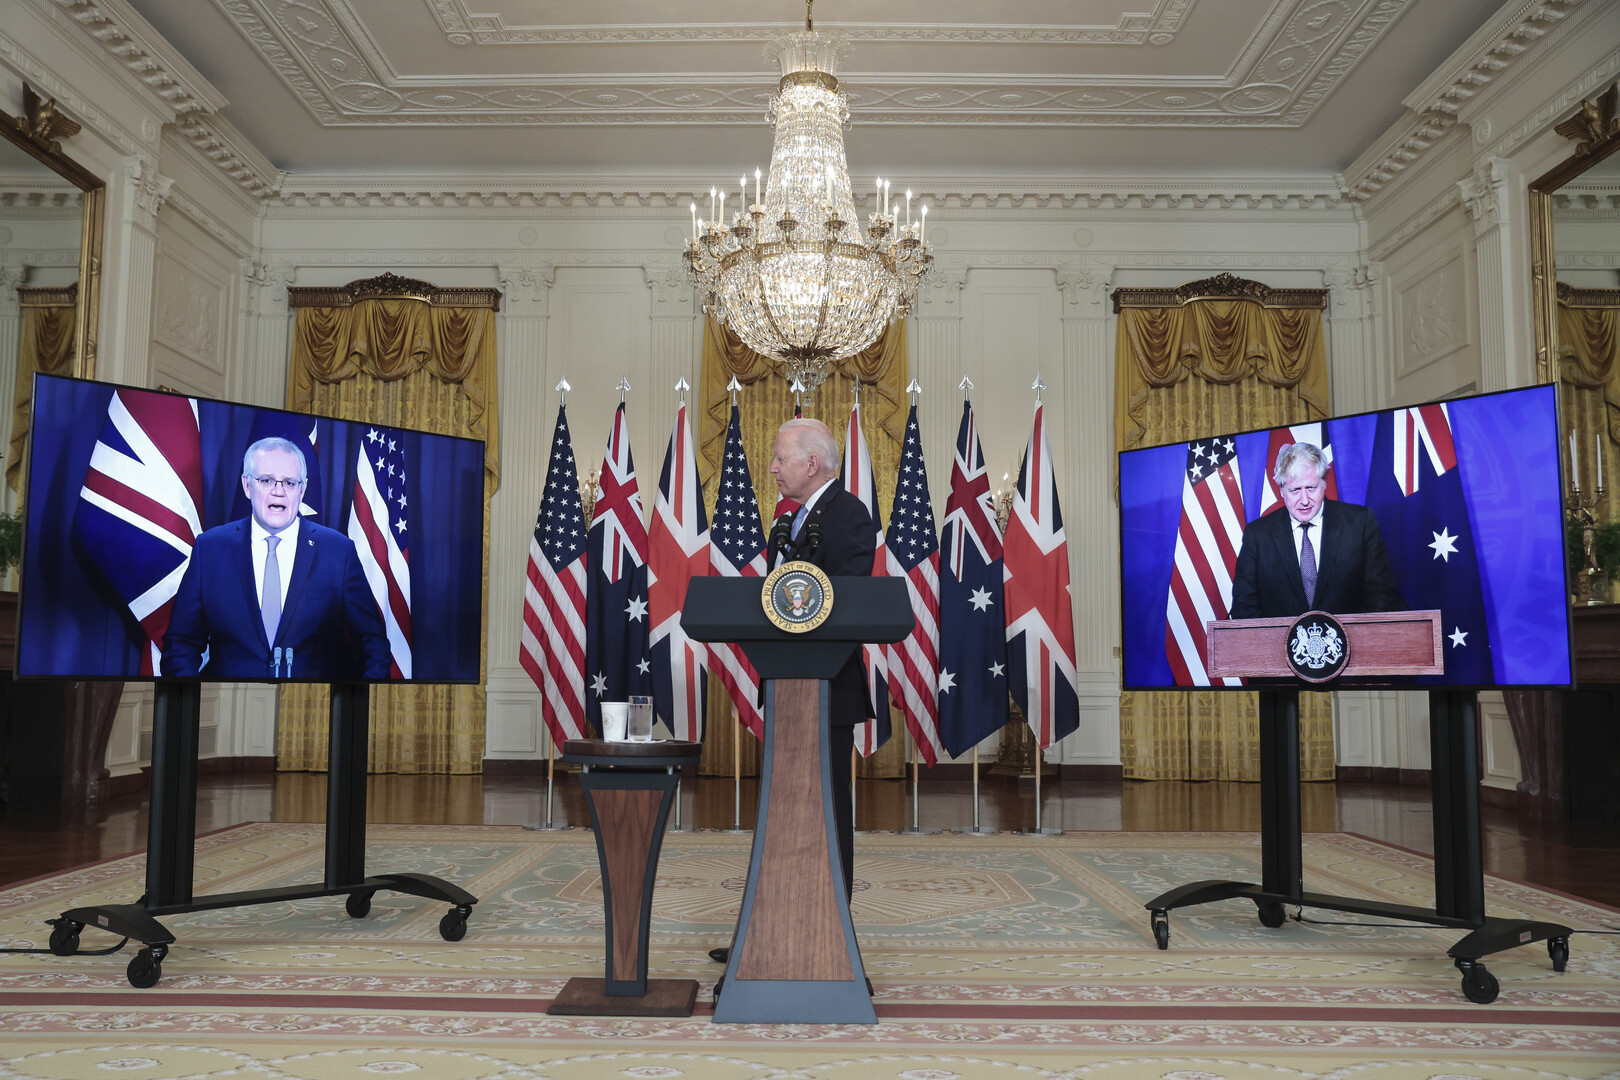 بايدن لم يتمكن من تذكر اسم رئيس الوزراء الأسترالي